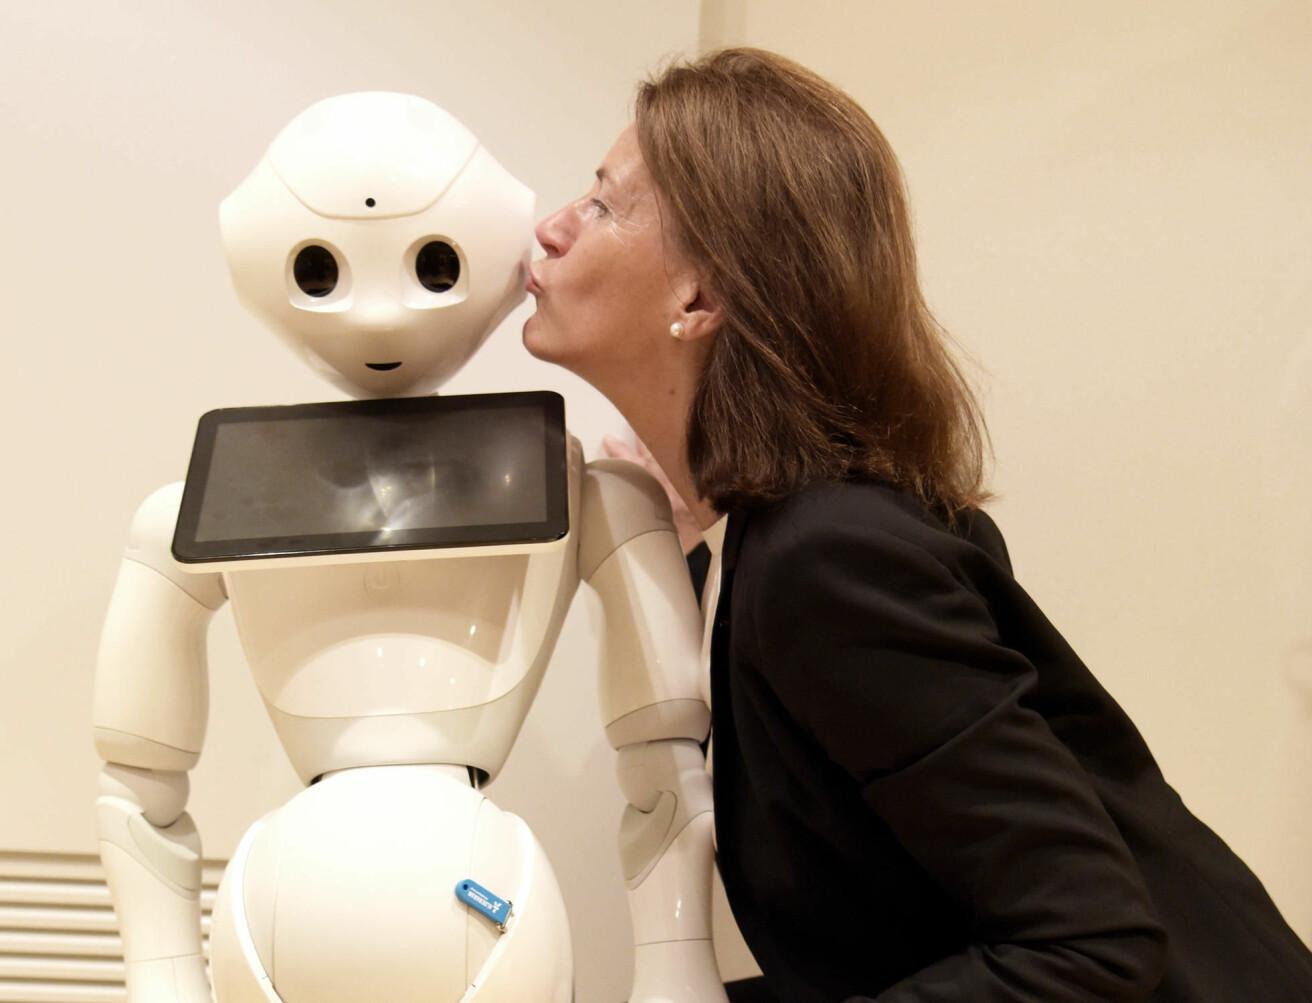 Professor Bettina Husebø møtte roboten Pepper, som aktiviserer sykehjemspasienter i Tokyo. (Foto: Kim E. Andreassen / Universitetet i Bergen)